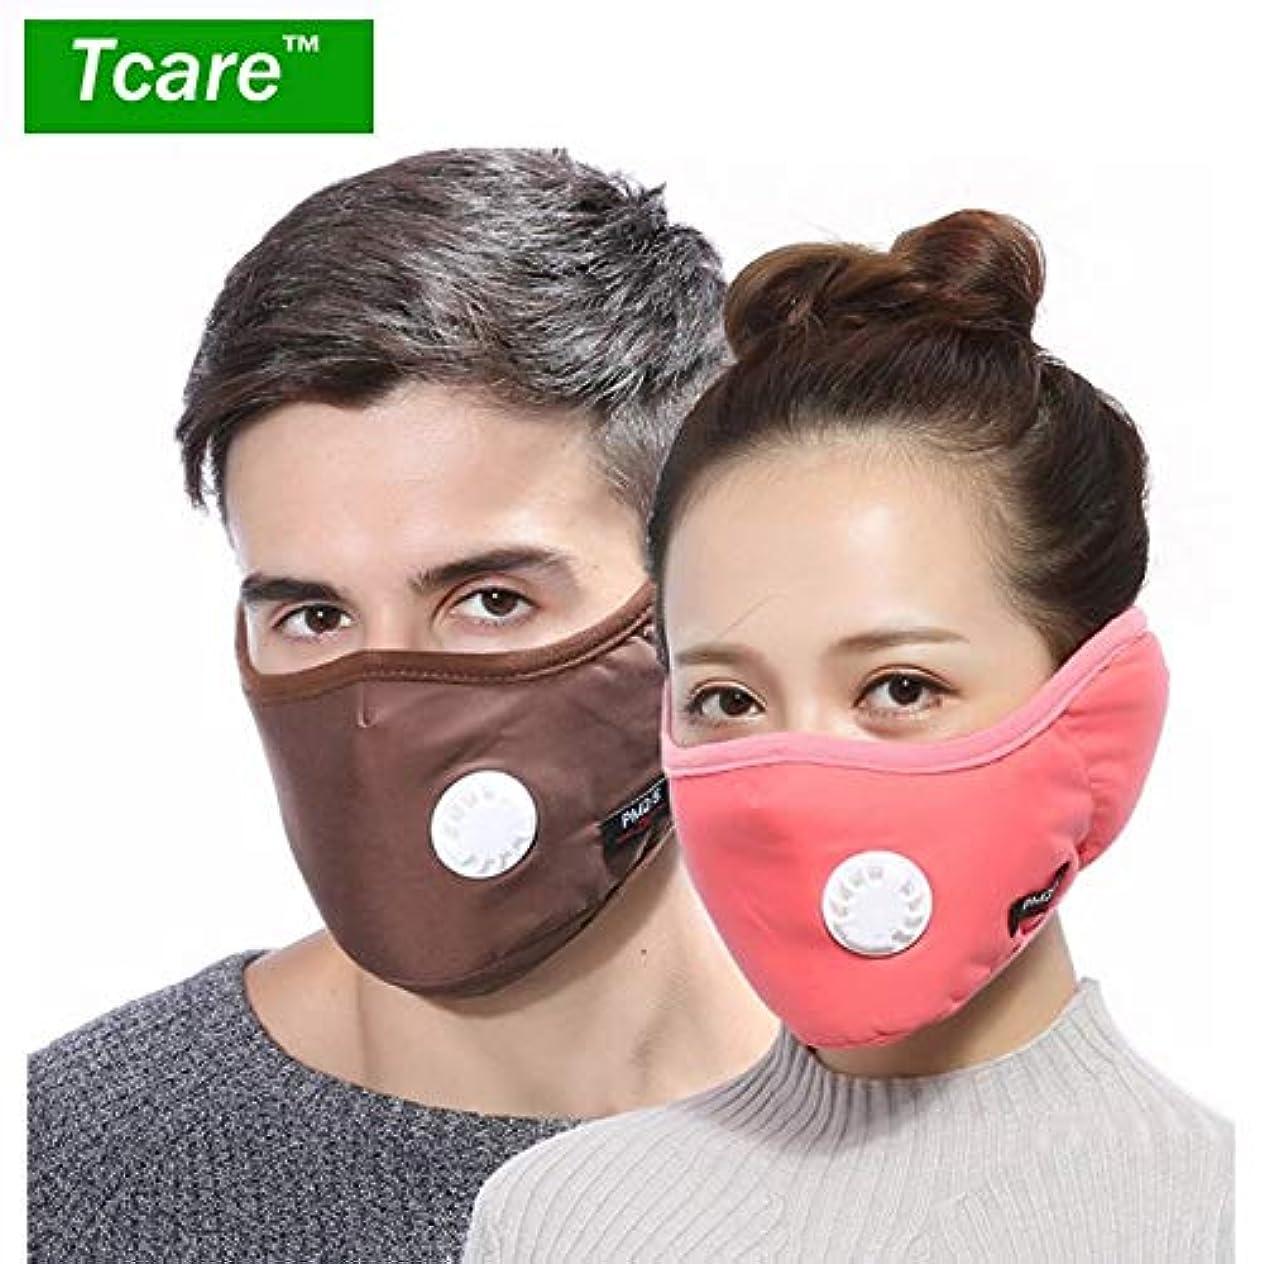 ジャケット宗教勇敢な1ブラック:1 PM2.5マスクバルブコットンアンチダスト口マスクの冬のイヤーマフActtedフィルター付マスクでTcare 2